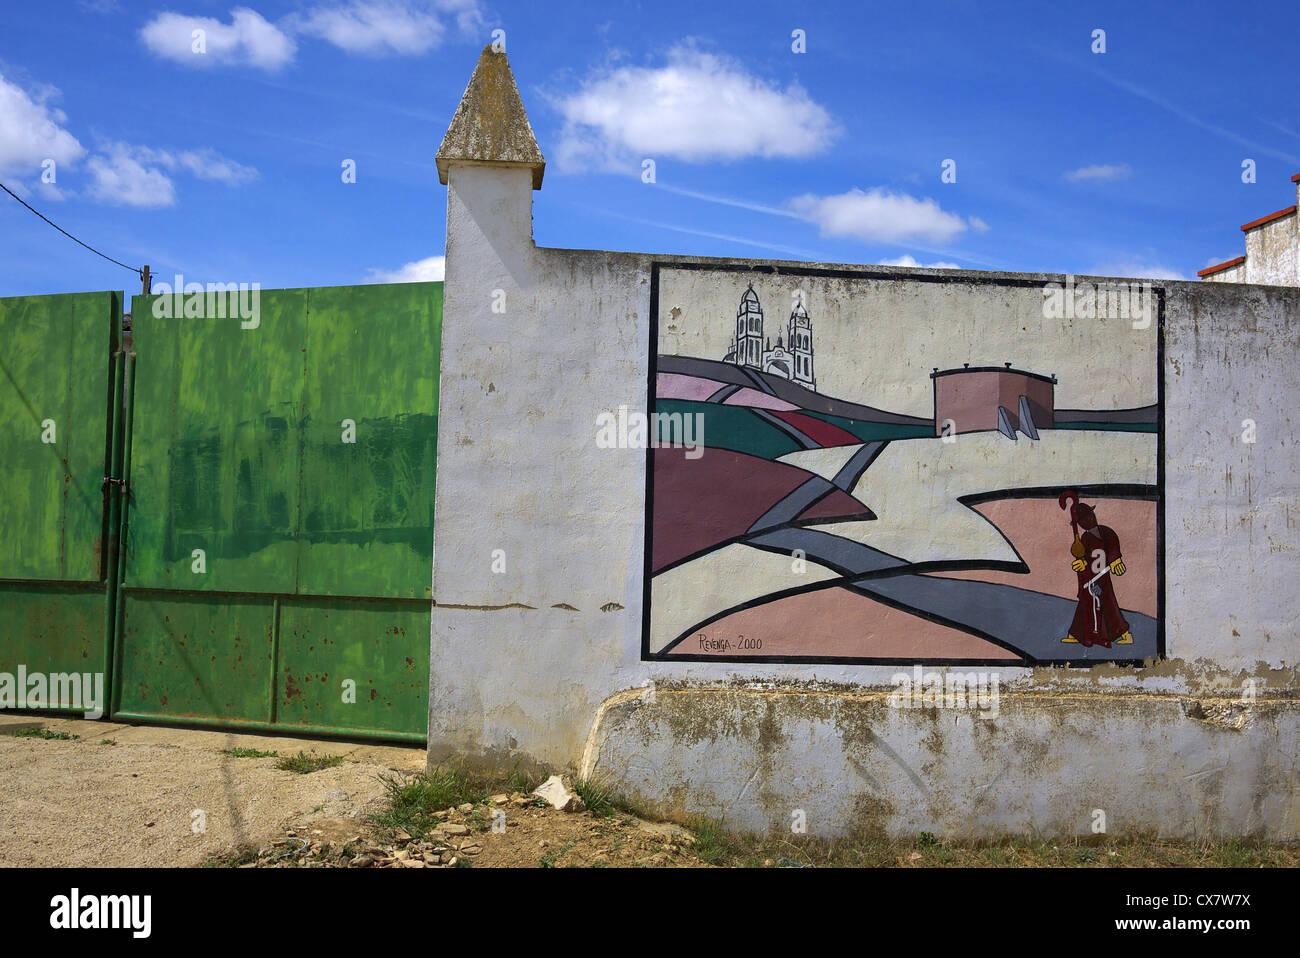 Mural depicting a pilgrim en route to Santiago de Compostela, Spain. - Stock Image